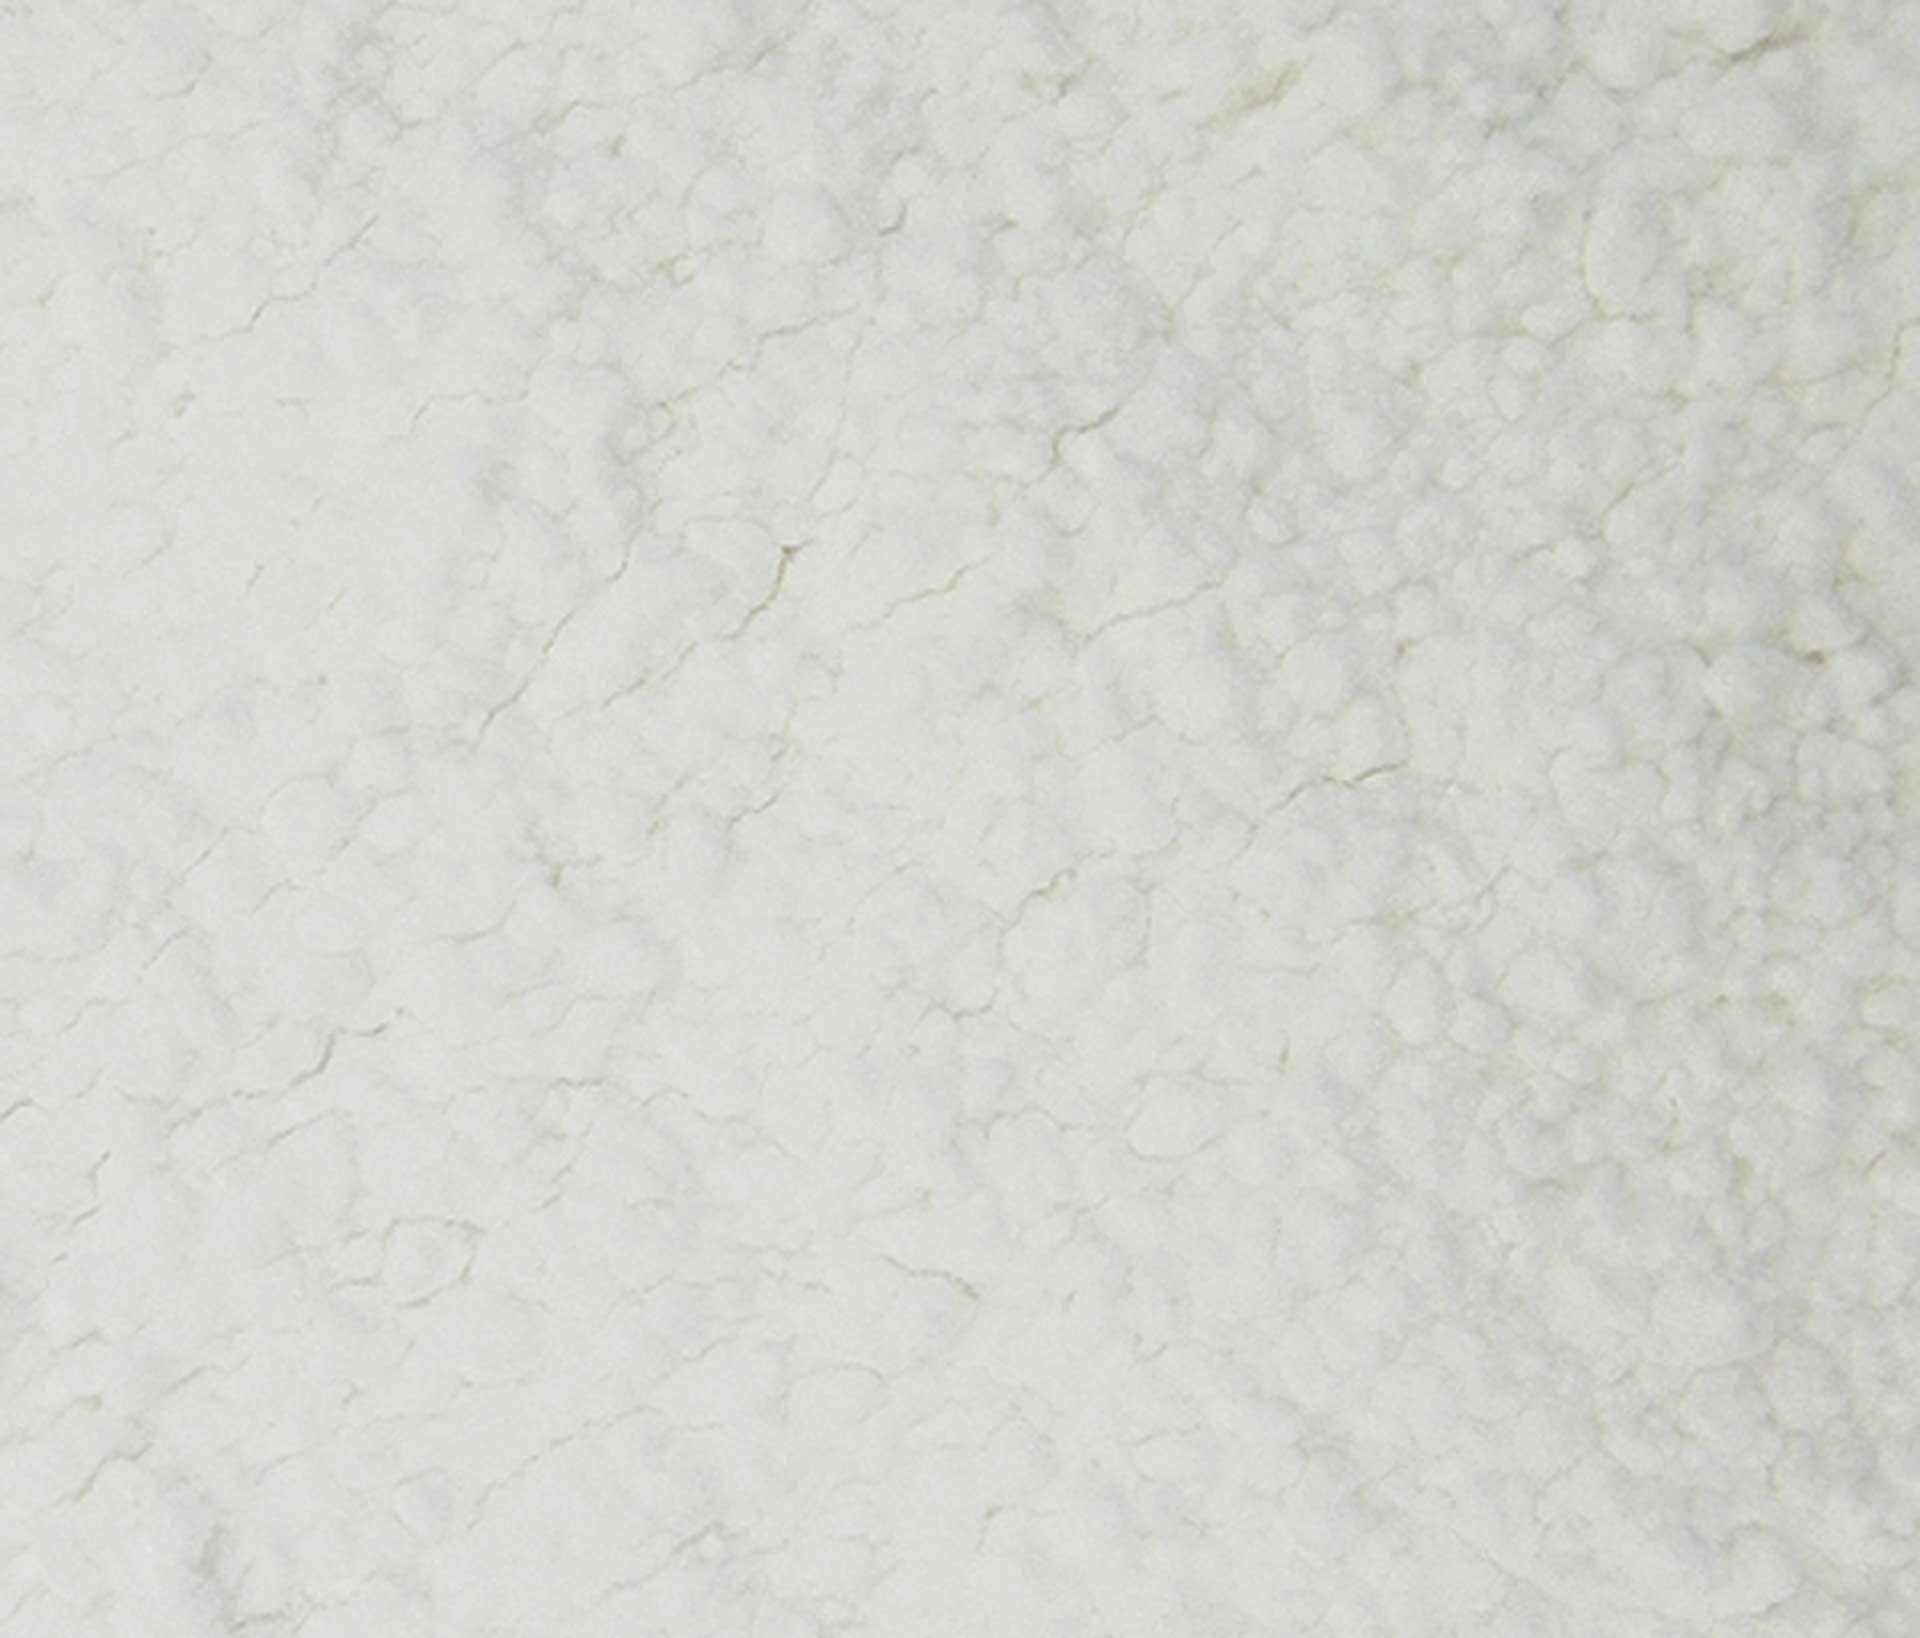 R&G Baumwollflocken, Beutel/ 200 g